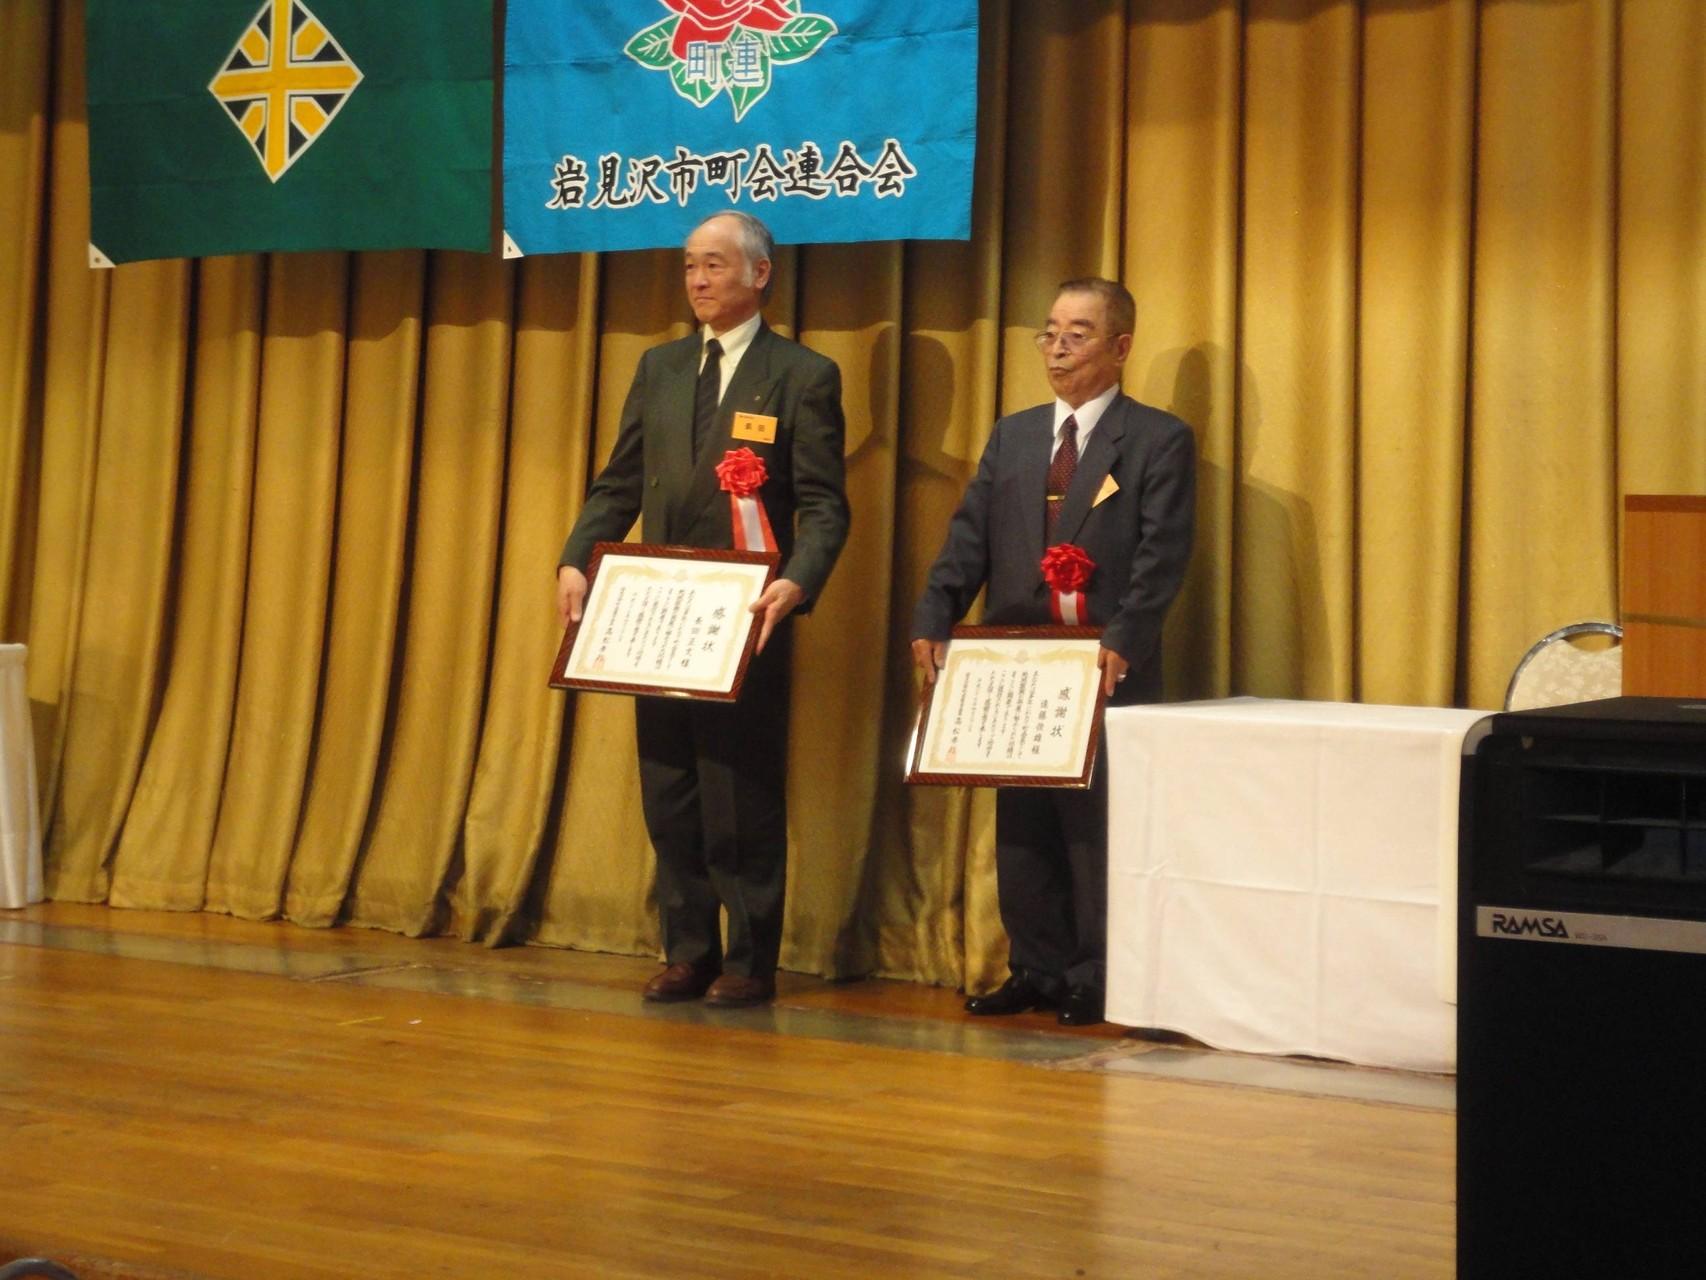 町会長表彰受賞者(左から長田氏、遠藤氏)